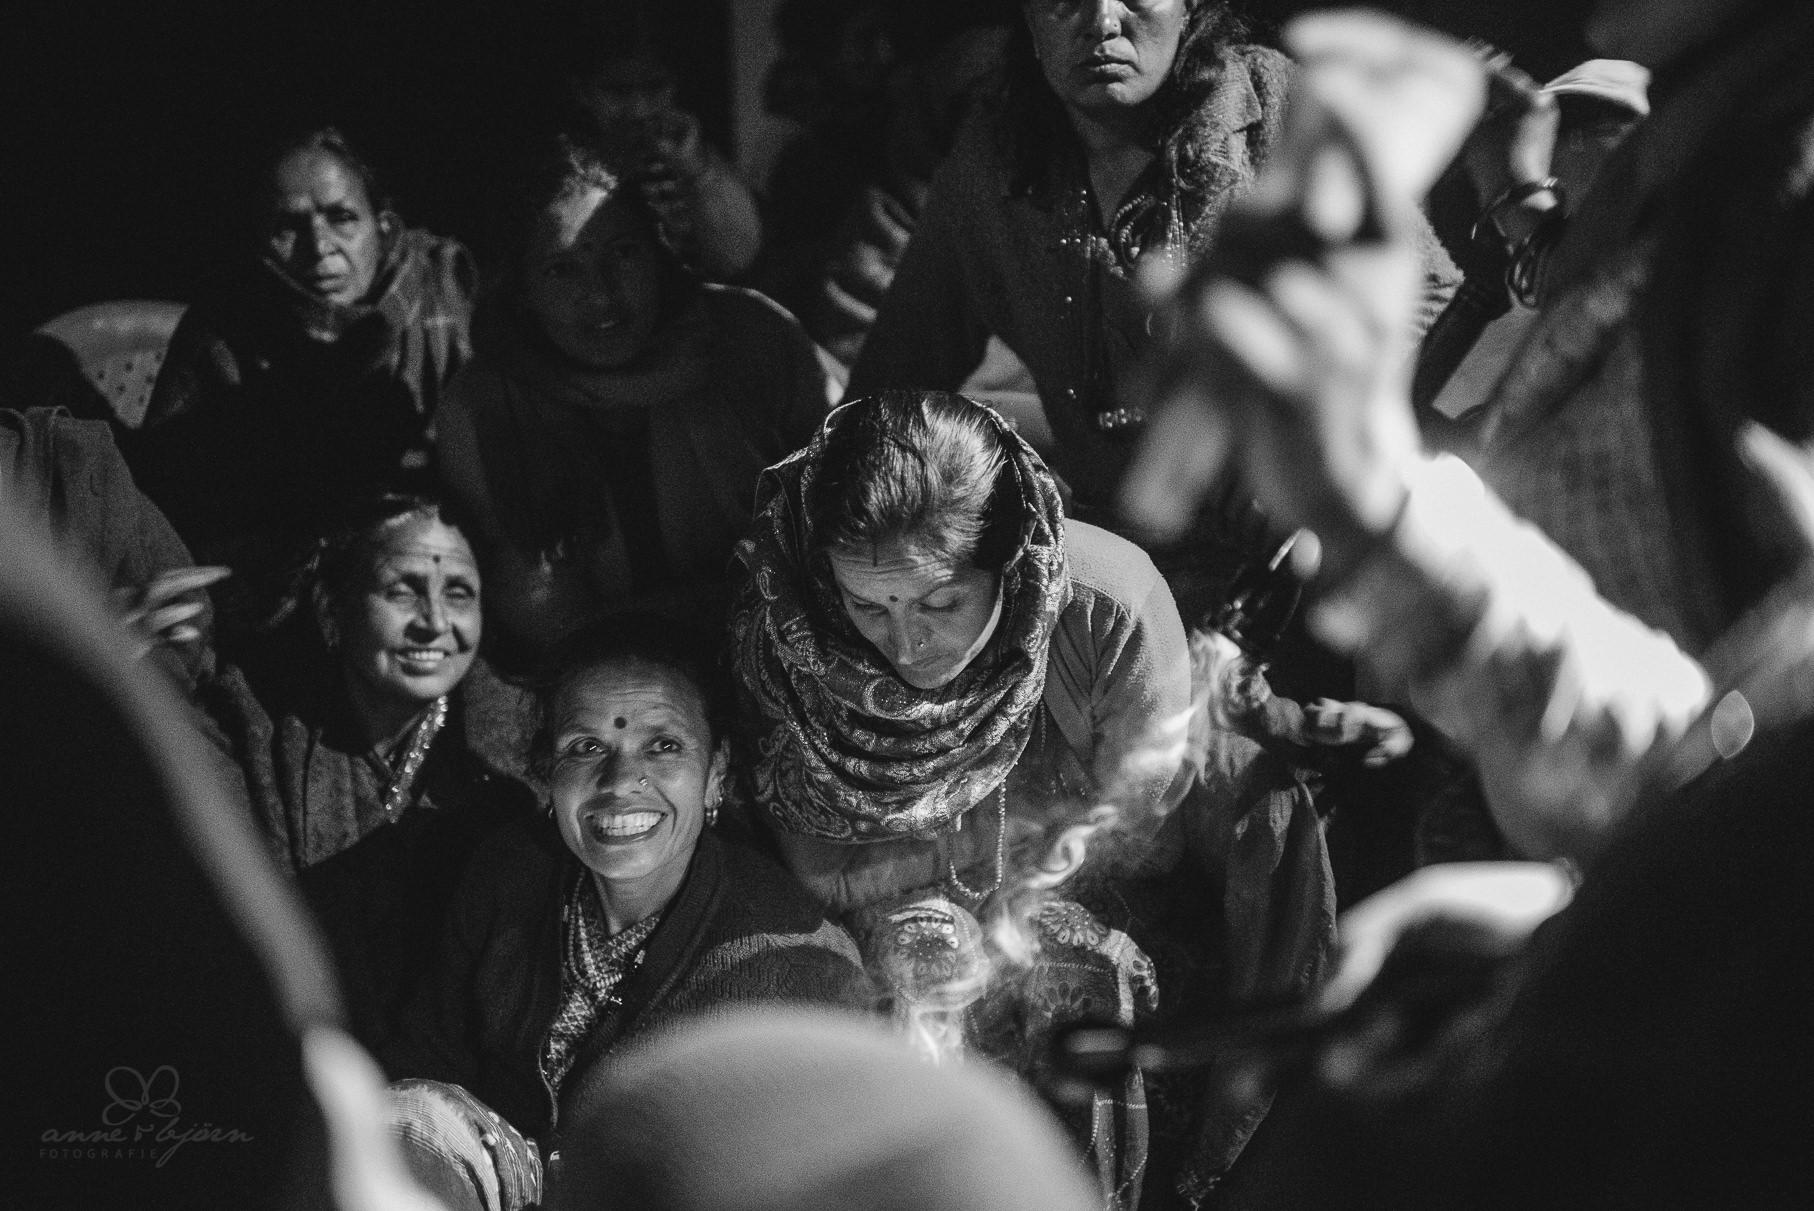 0039 anne und bjoern chitwan nationalpark nepal d75 4071 2 - Nepal Teil 3 - Roadtrip, Chitwan Nationalpark und eine spontane Hochzeit